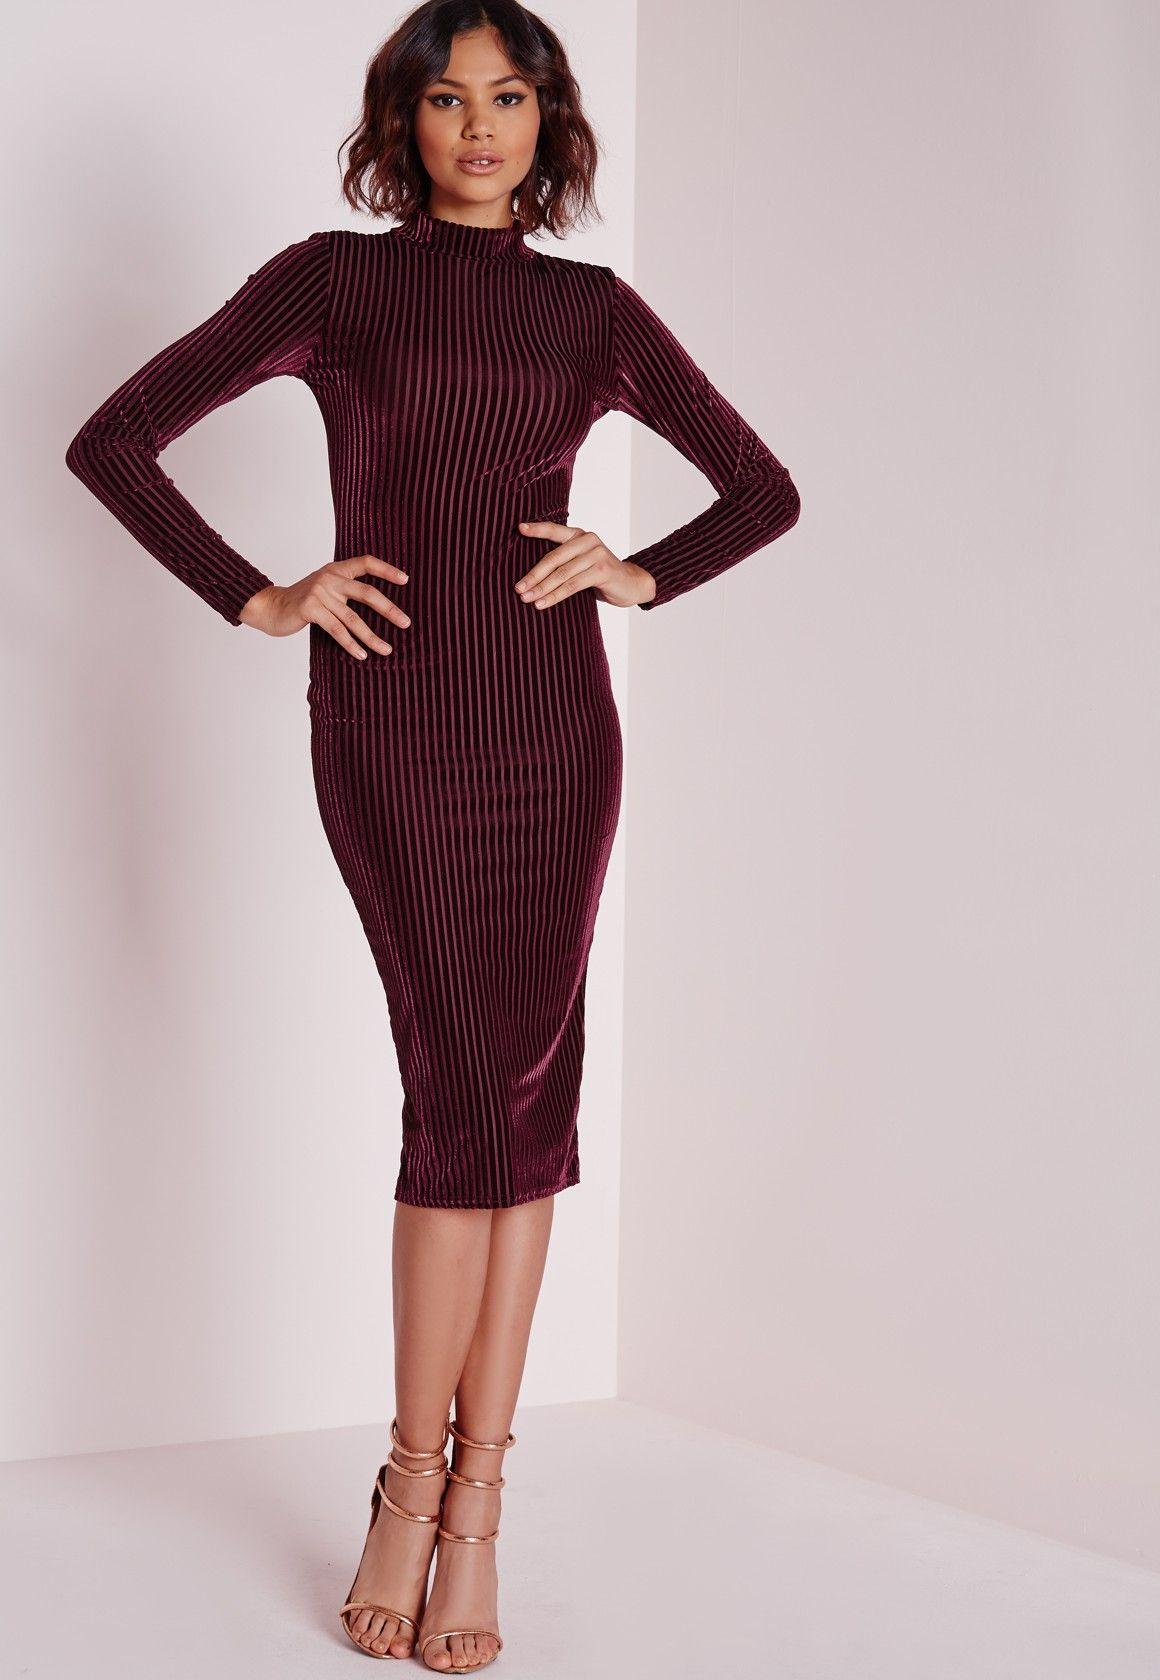 86a7ed3d3e1b Missguided - Velvet Ribbed Long Sleeve Midi Dress Burgundy